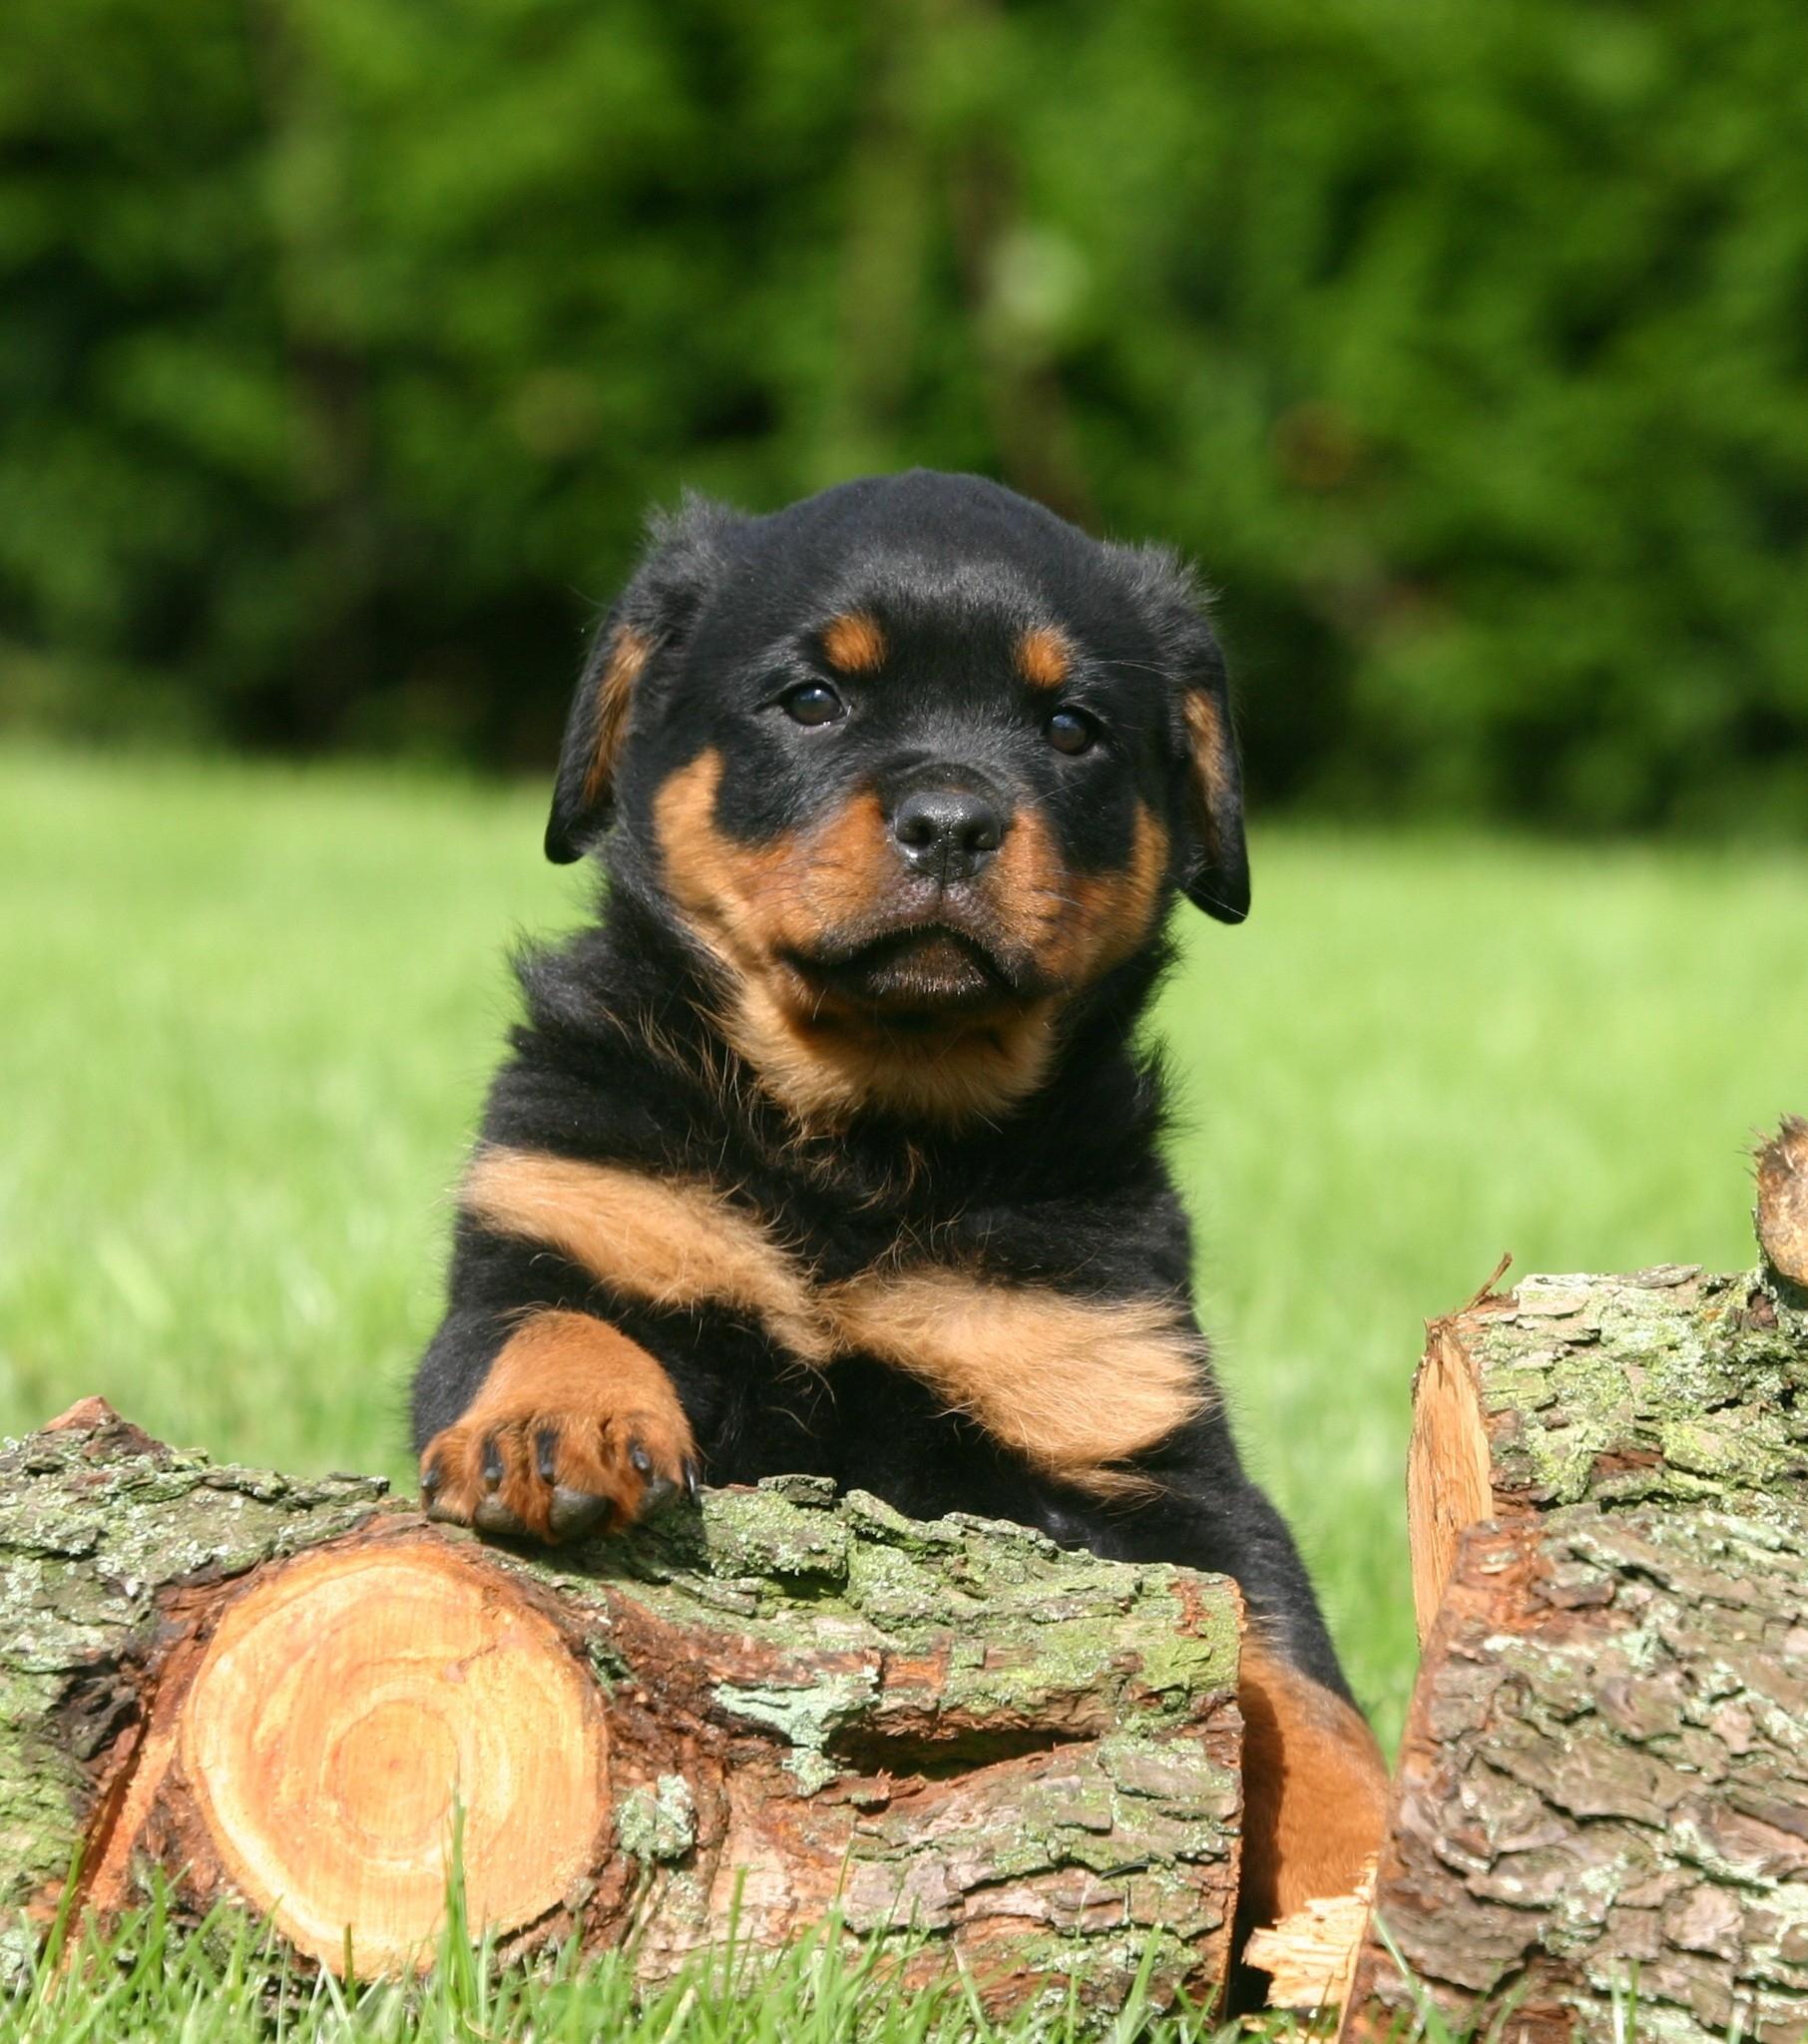 Gar nicht furchteinflössend: Der Rottweiler stammt ursprünglich aus Deutschland.